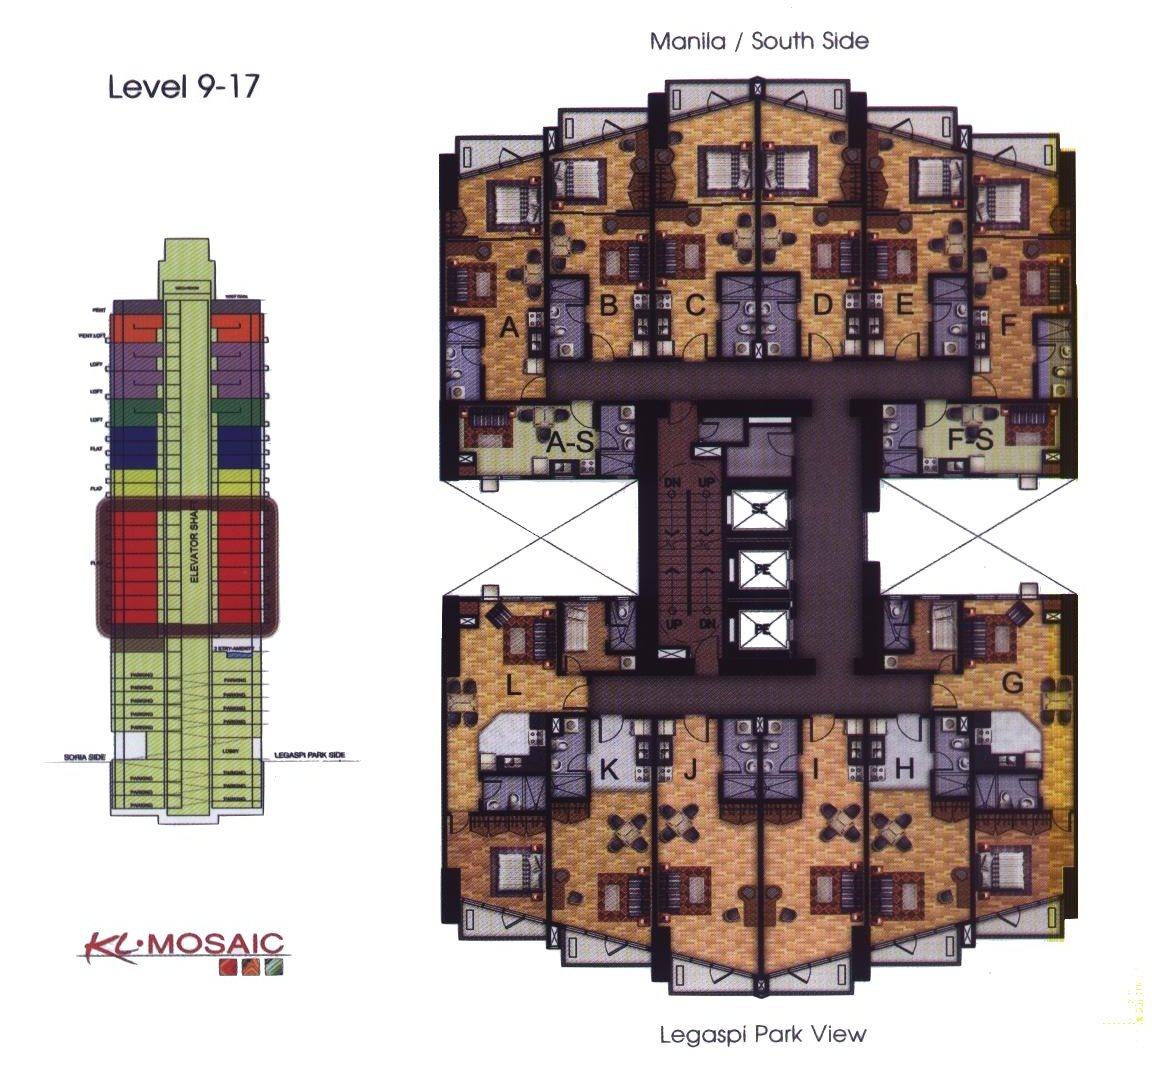 Kl mosaic condominium makati philippines for Condo building plans